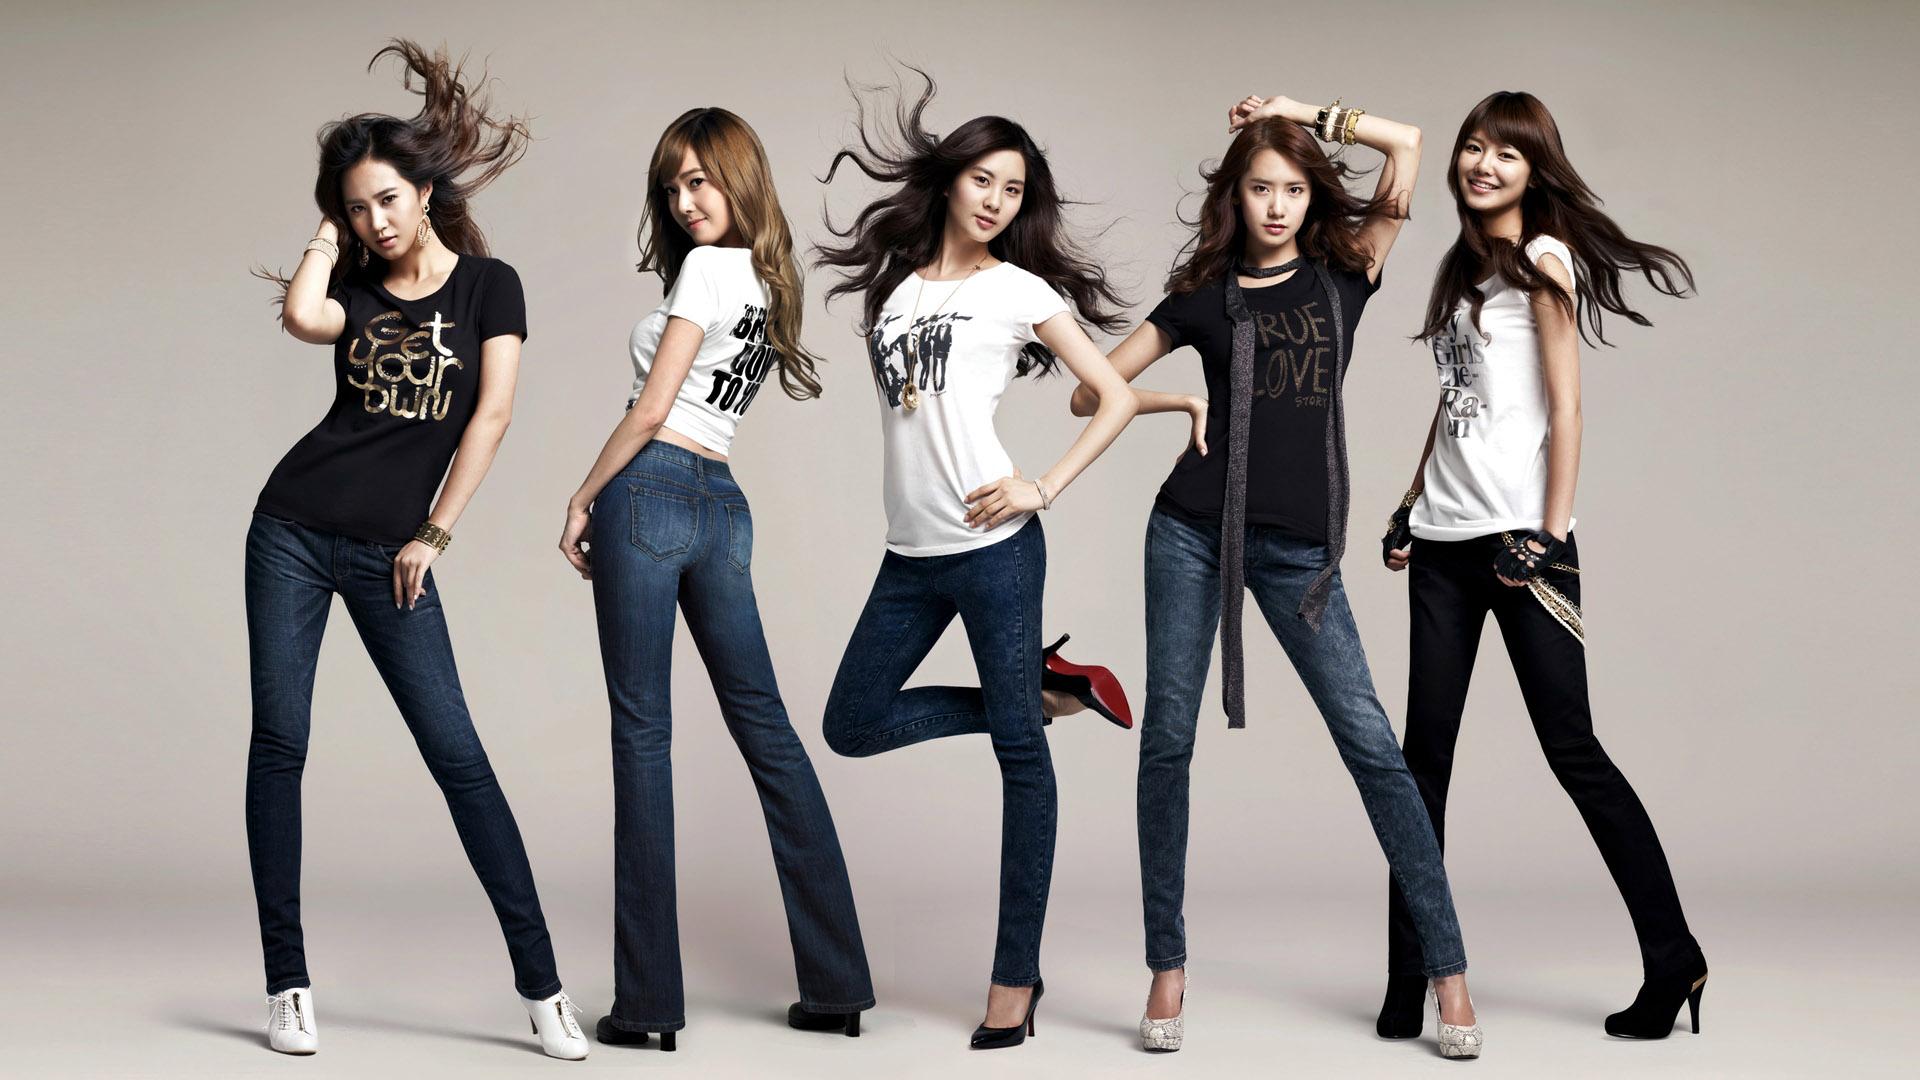 South Korea girlhood combined HD Wallpaper